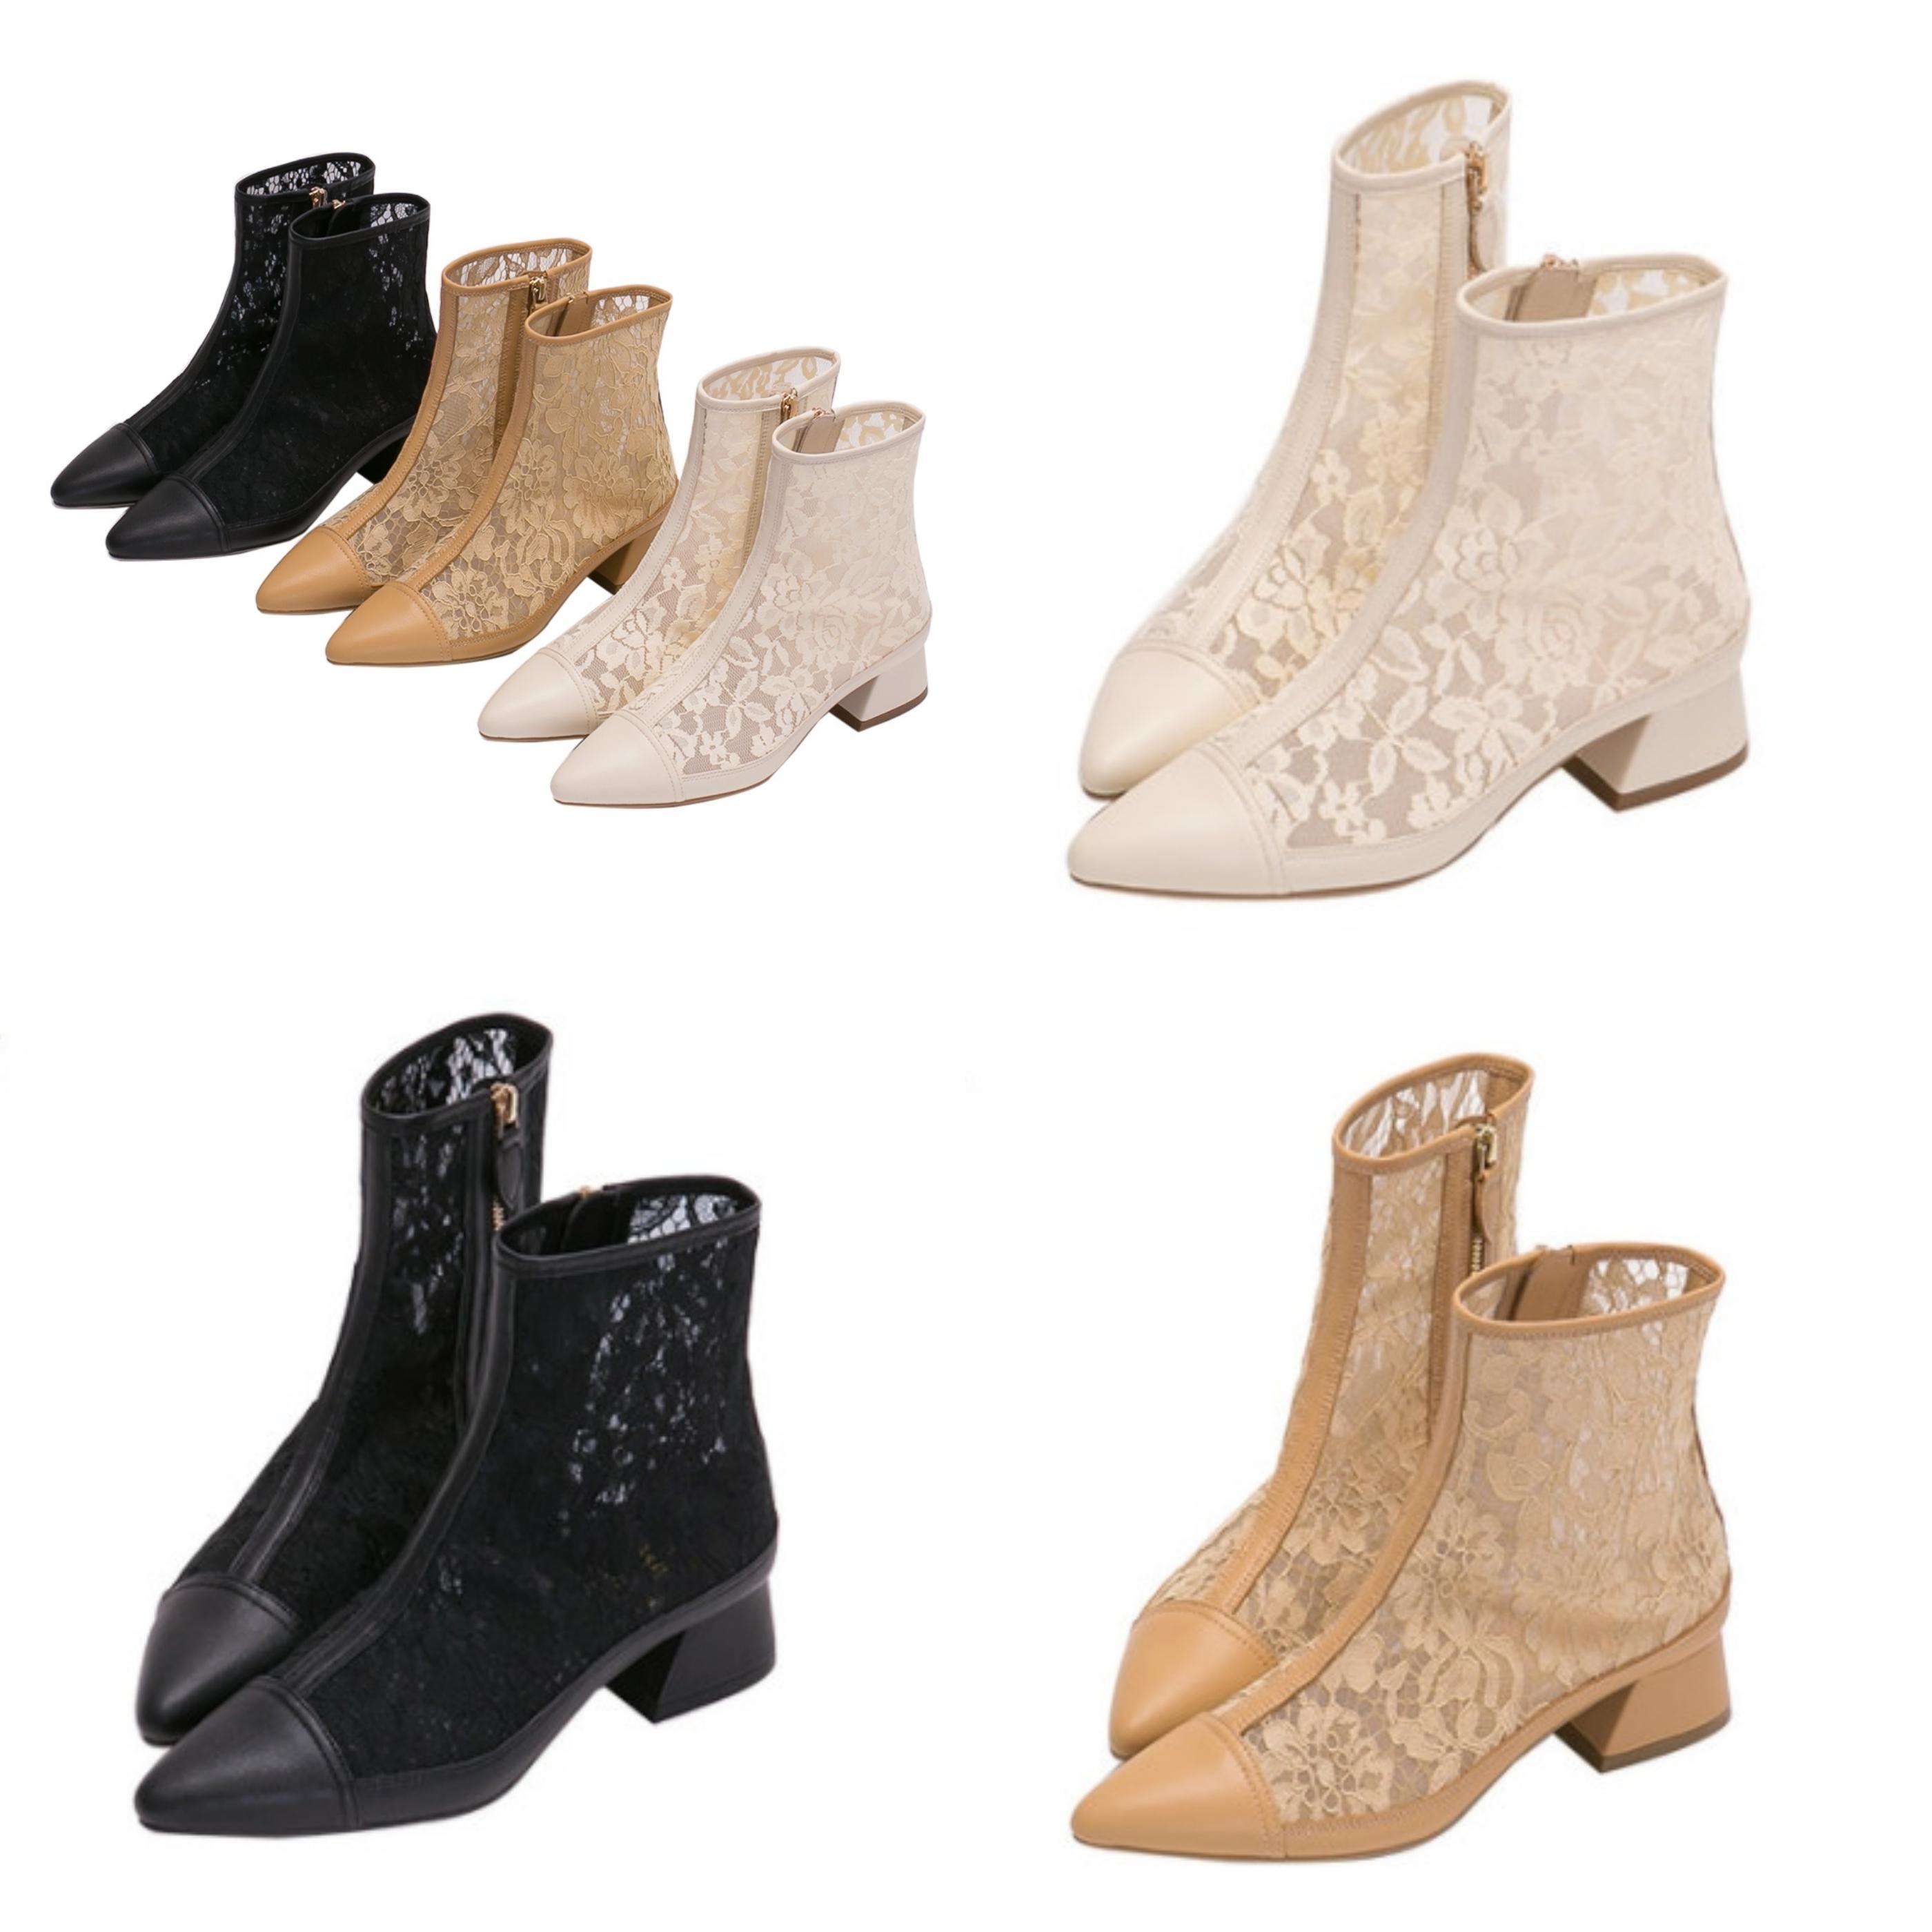 細緻優雅雕花蕾絲打造鞋面,微透膚材質嶄露小女人性感